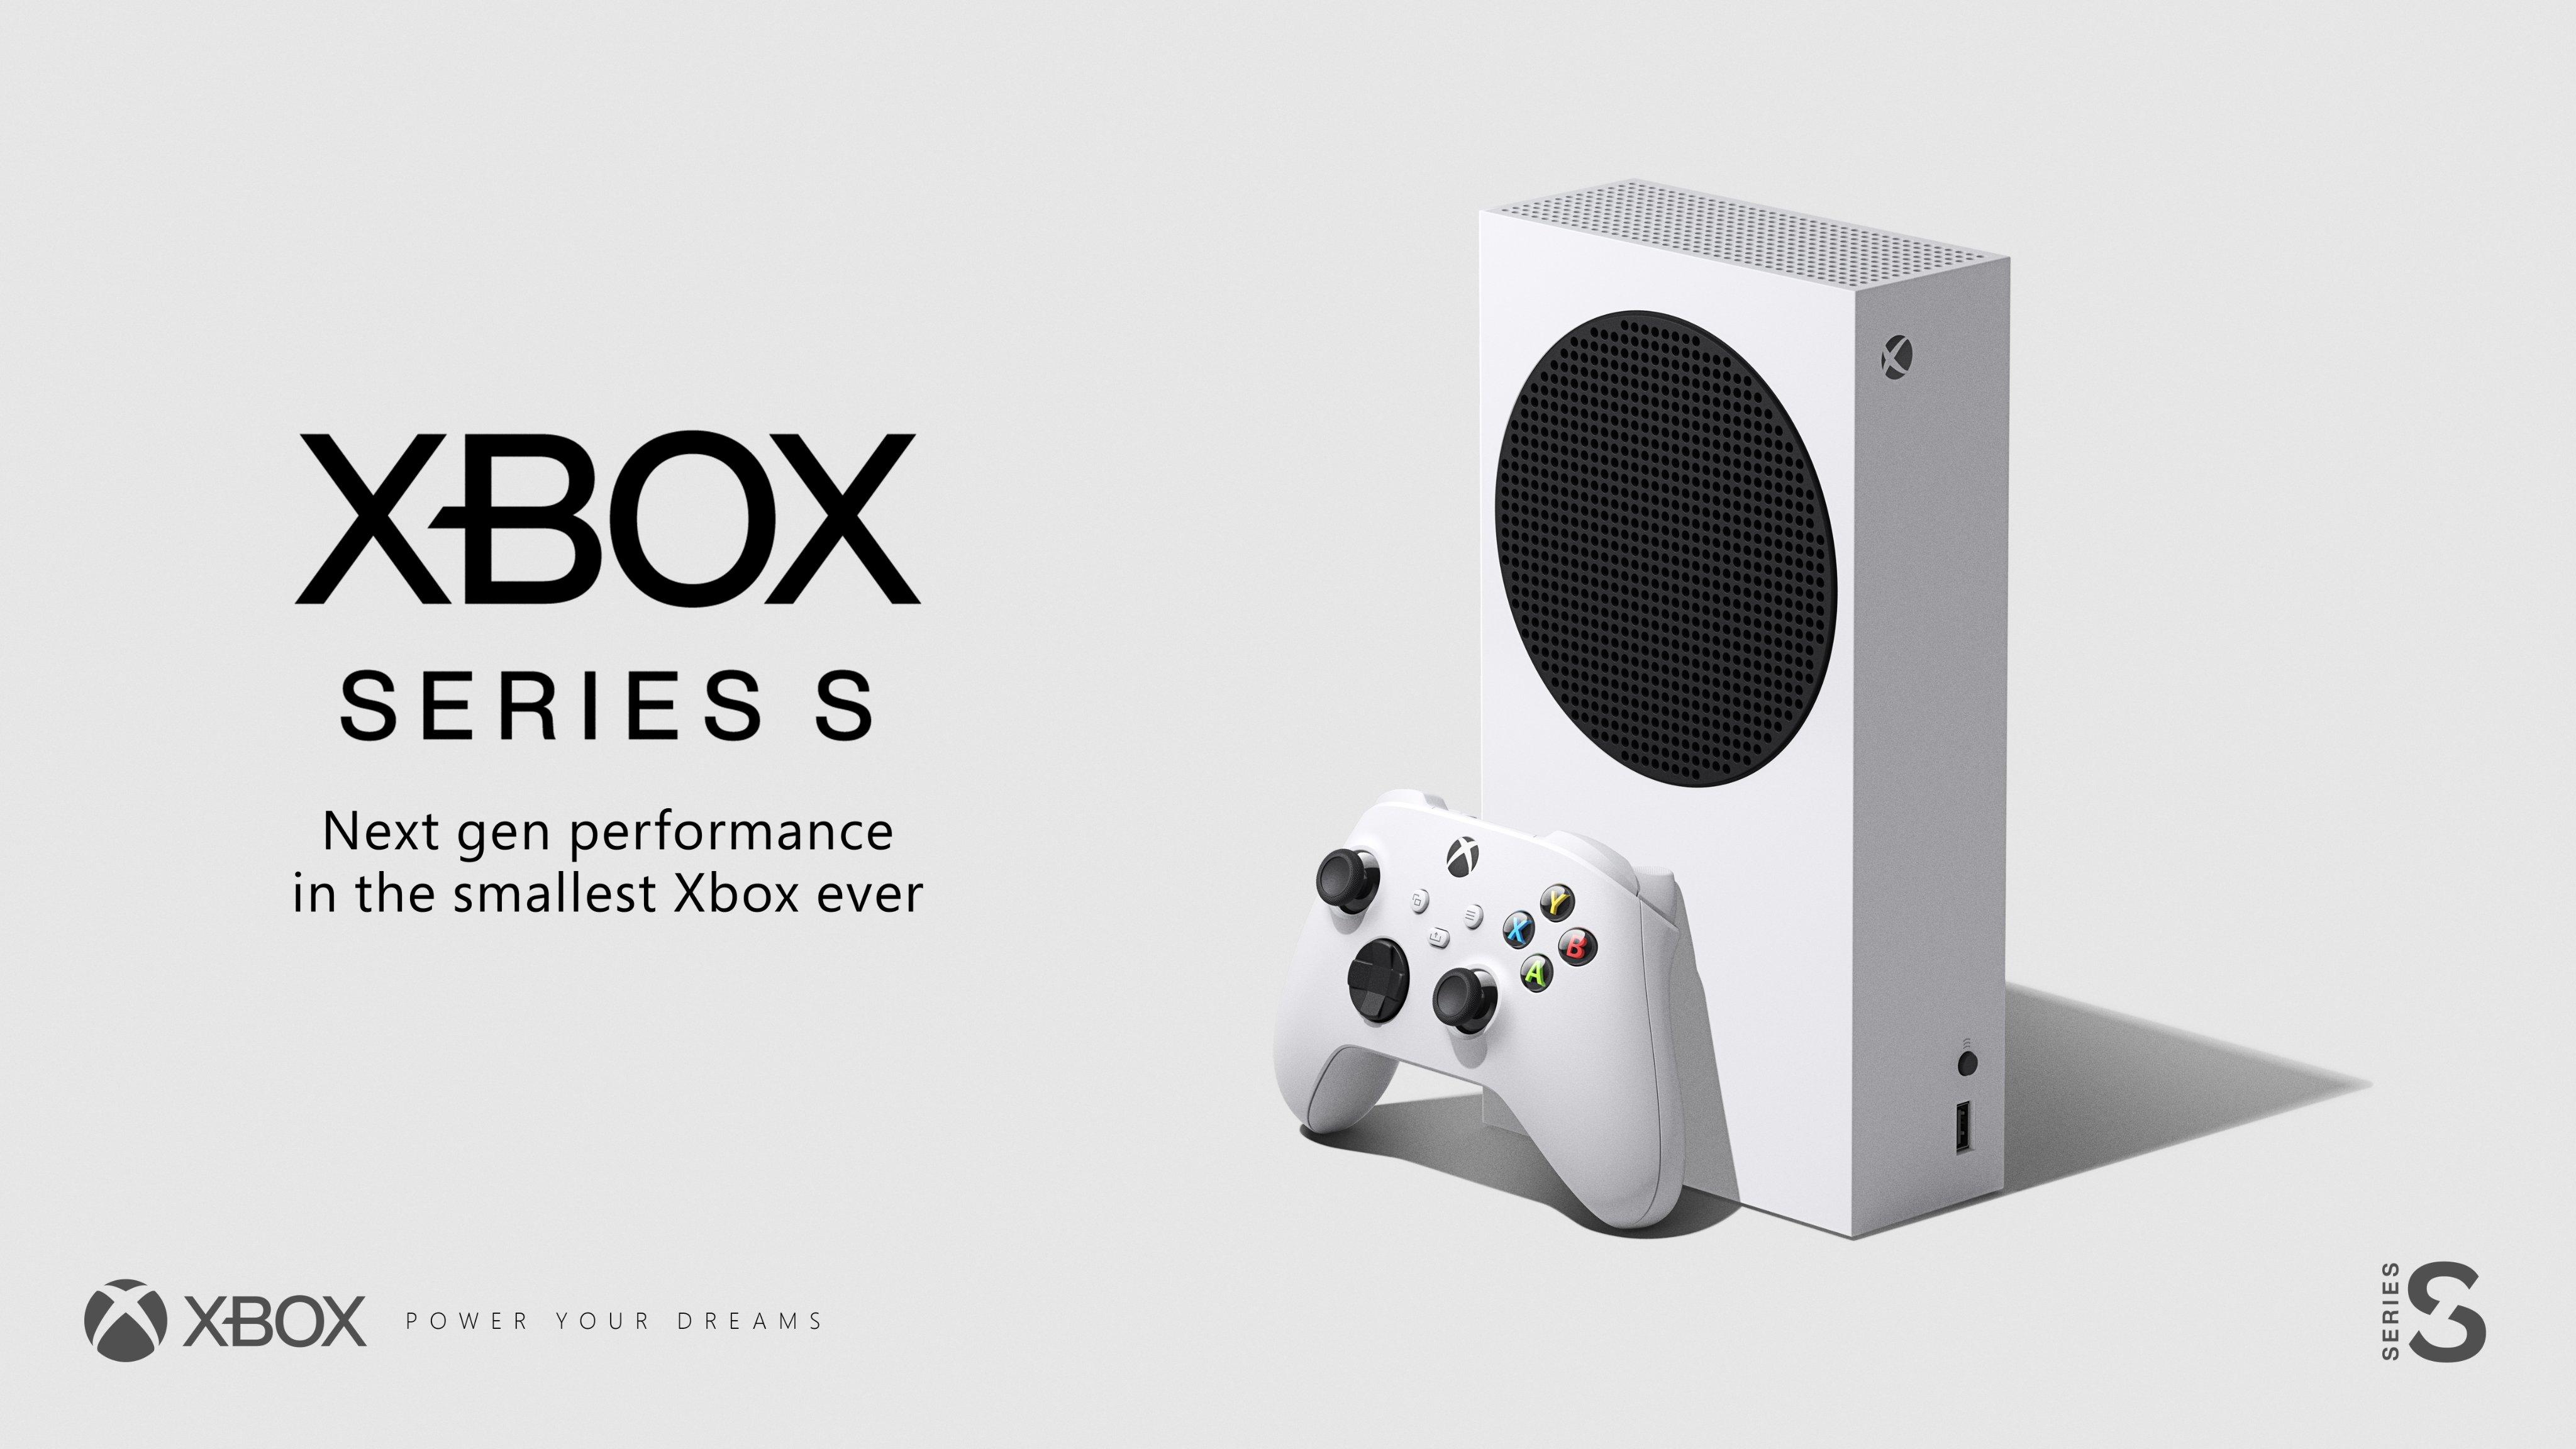 Máy chơi game Xbox Series S giá 299USD, ngày 10/11 ra mắt